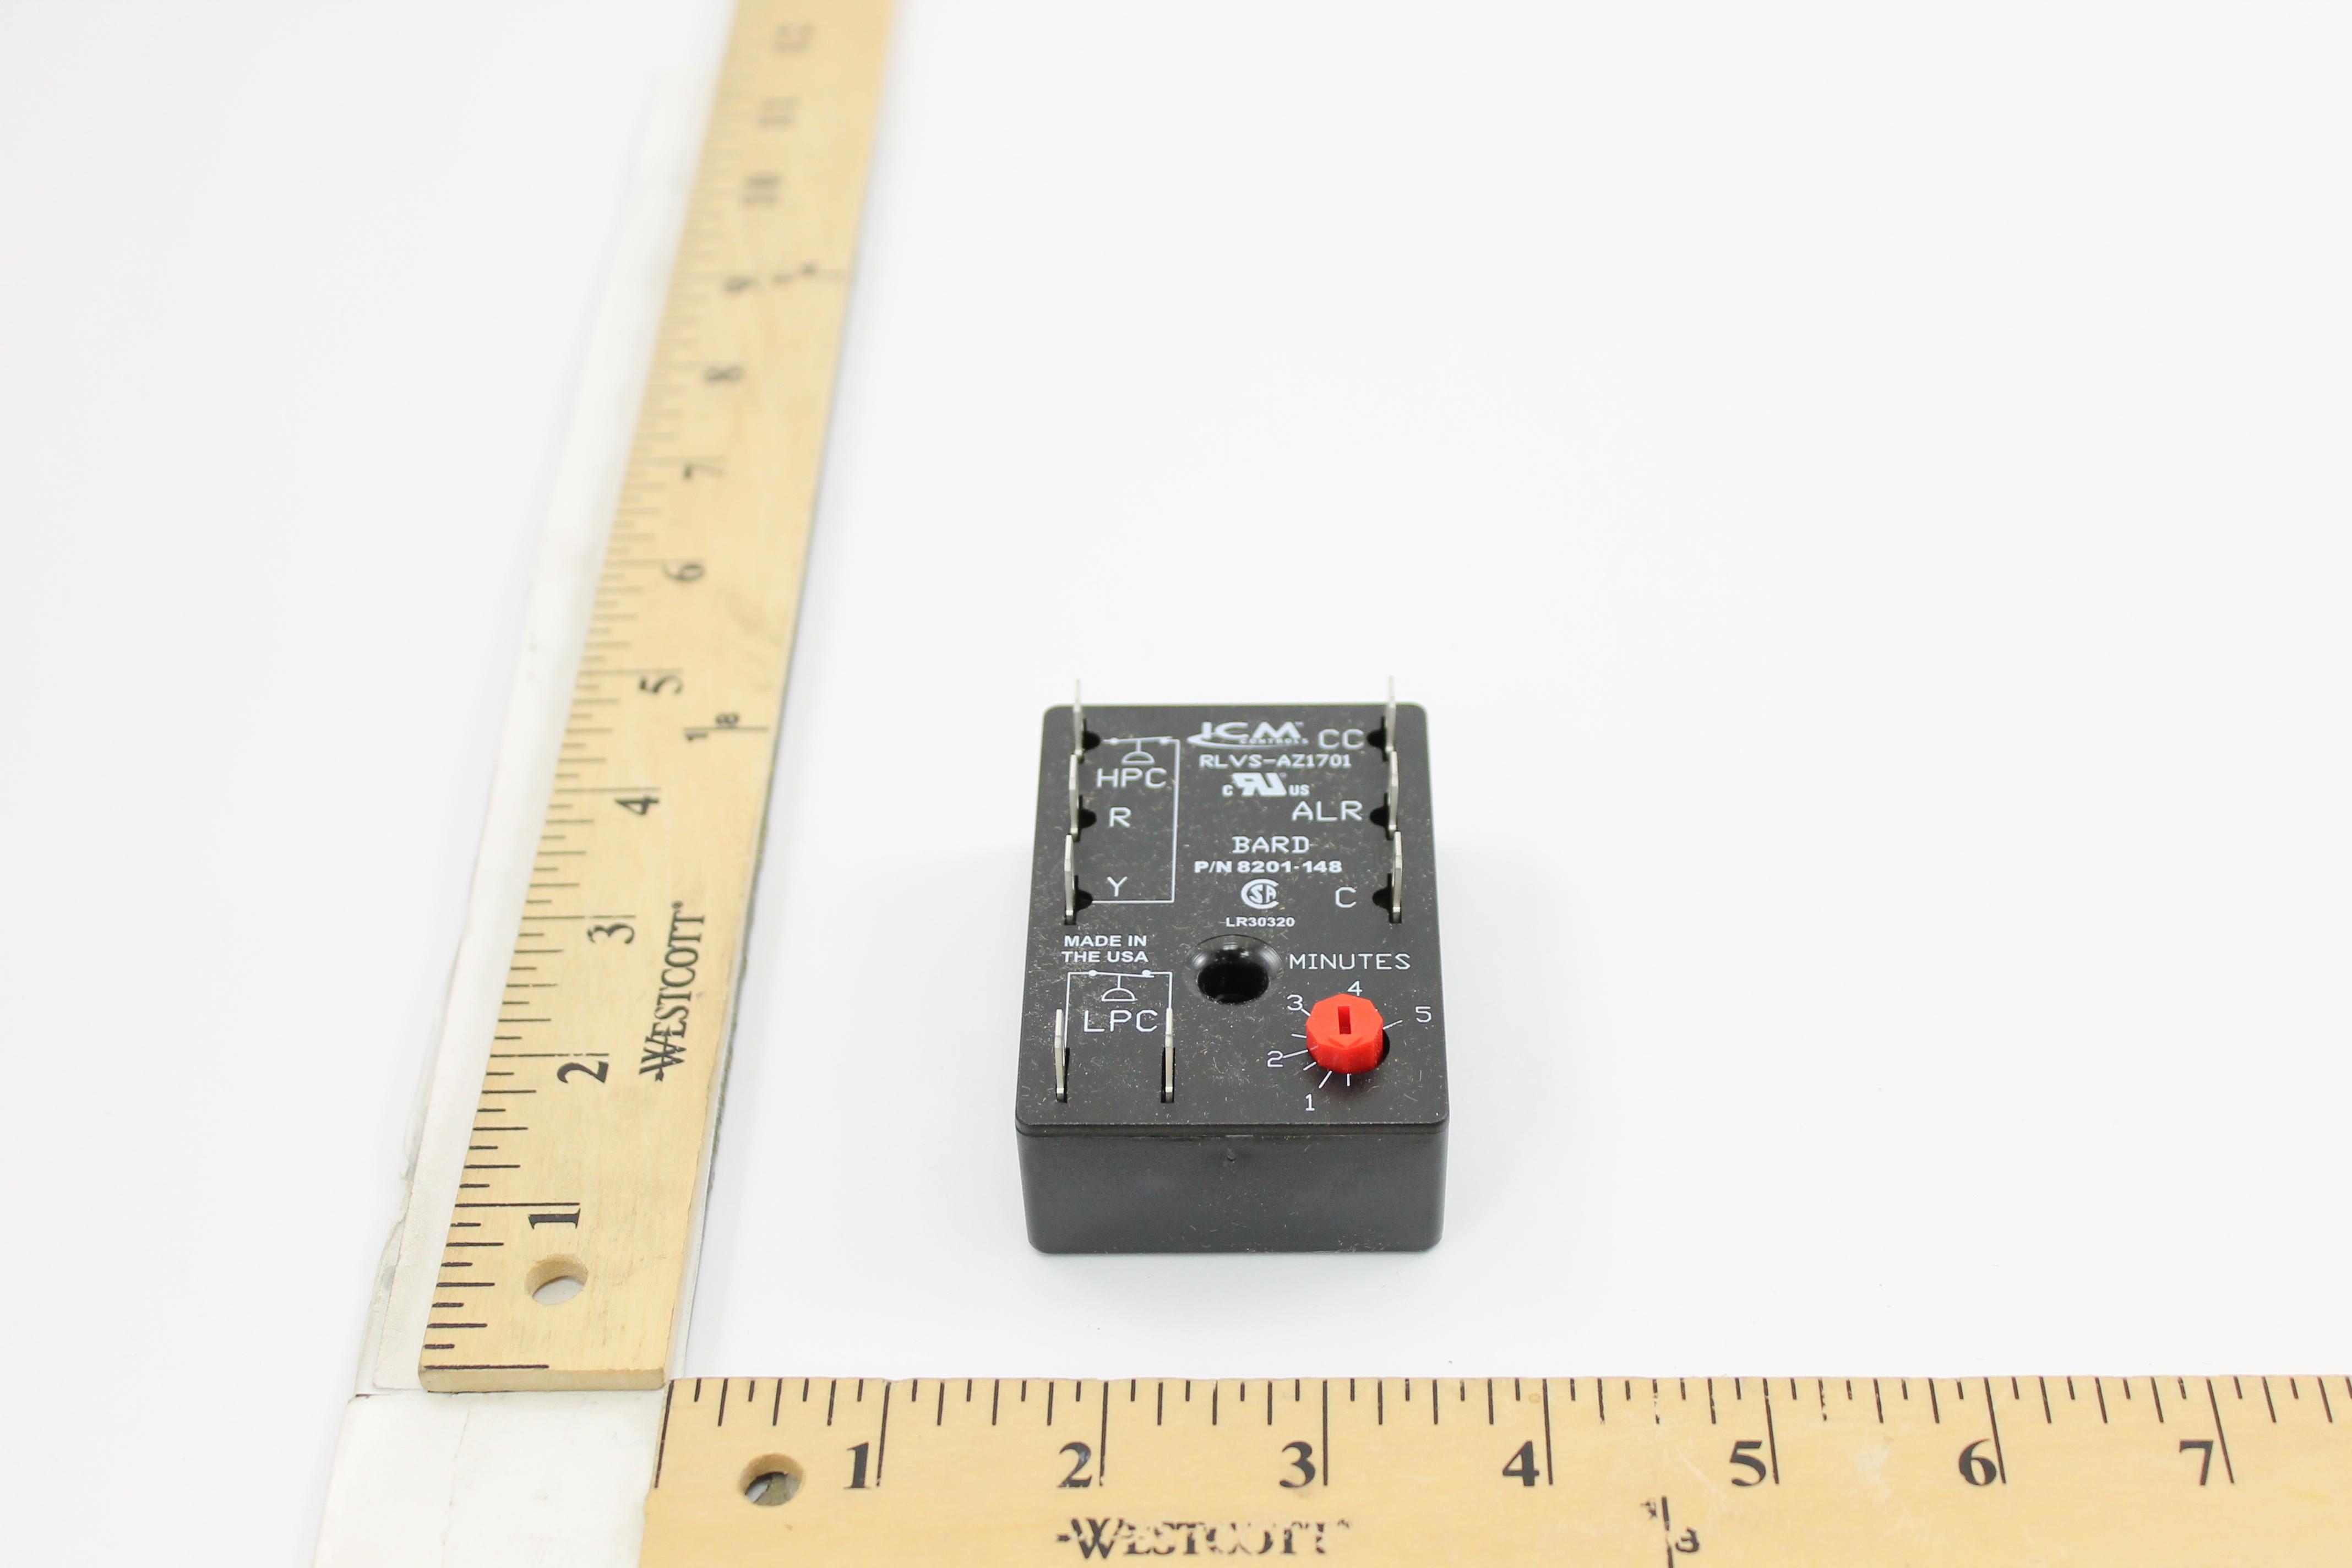 Bard Model Mc4001 A Wiring Diagram